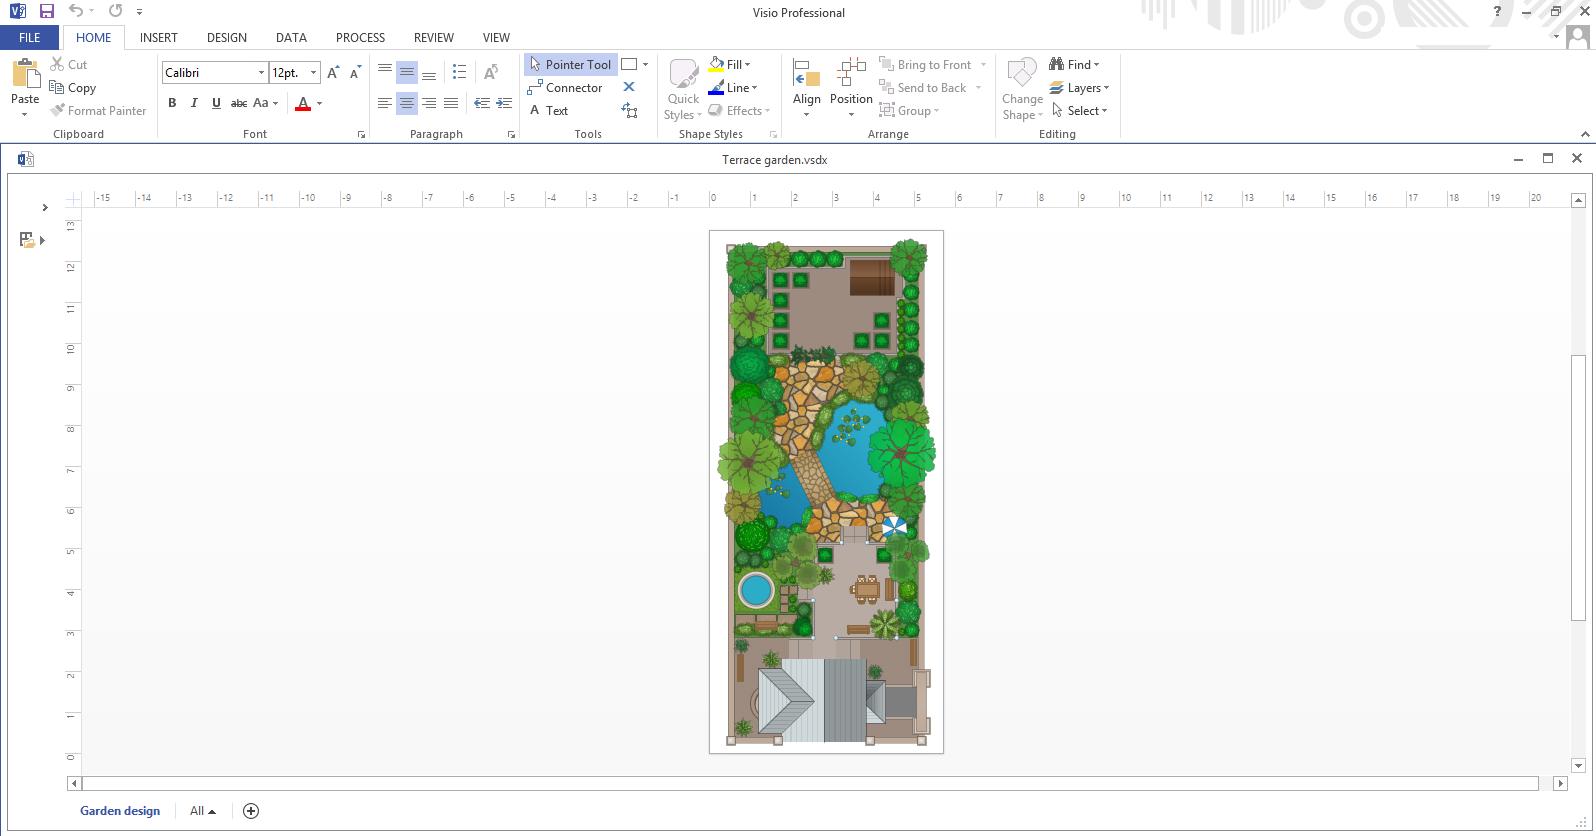 Exporting Landscape Design Plan